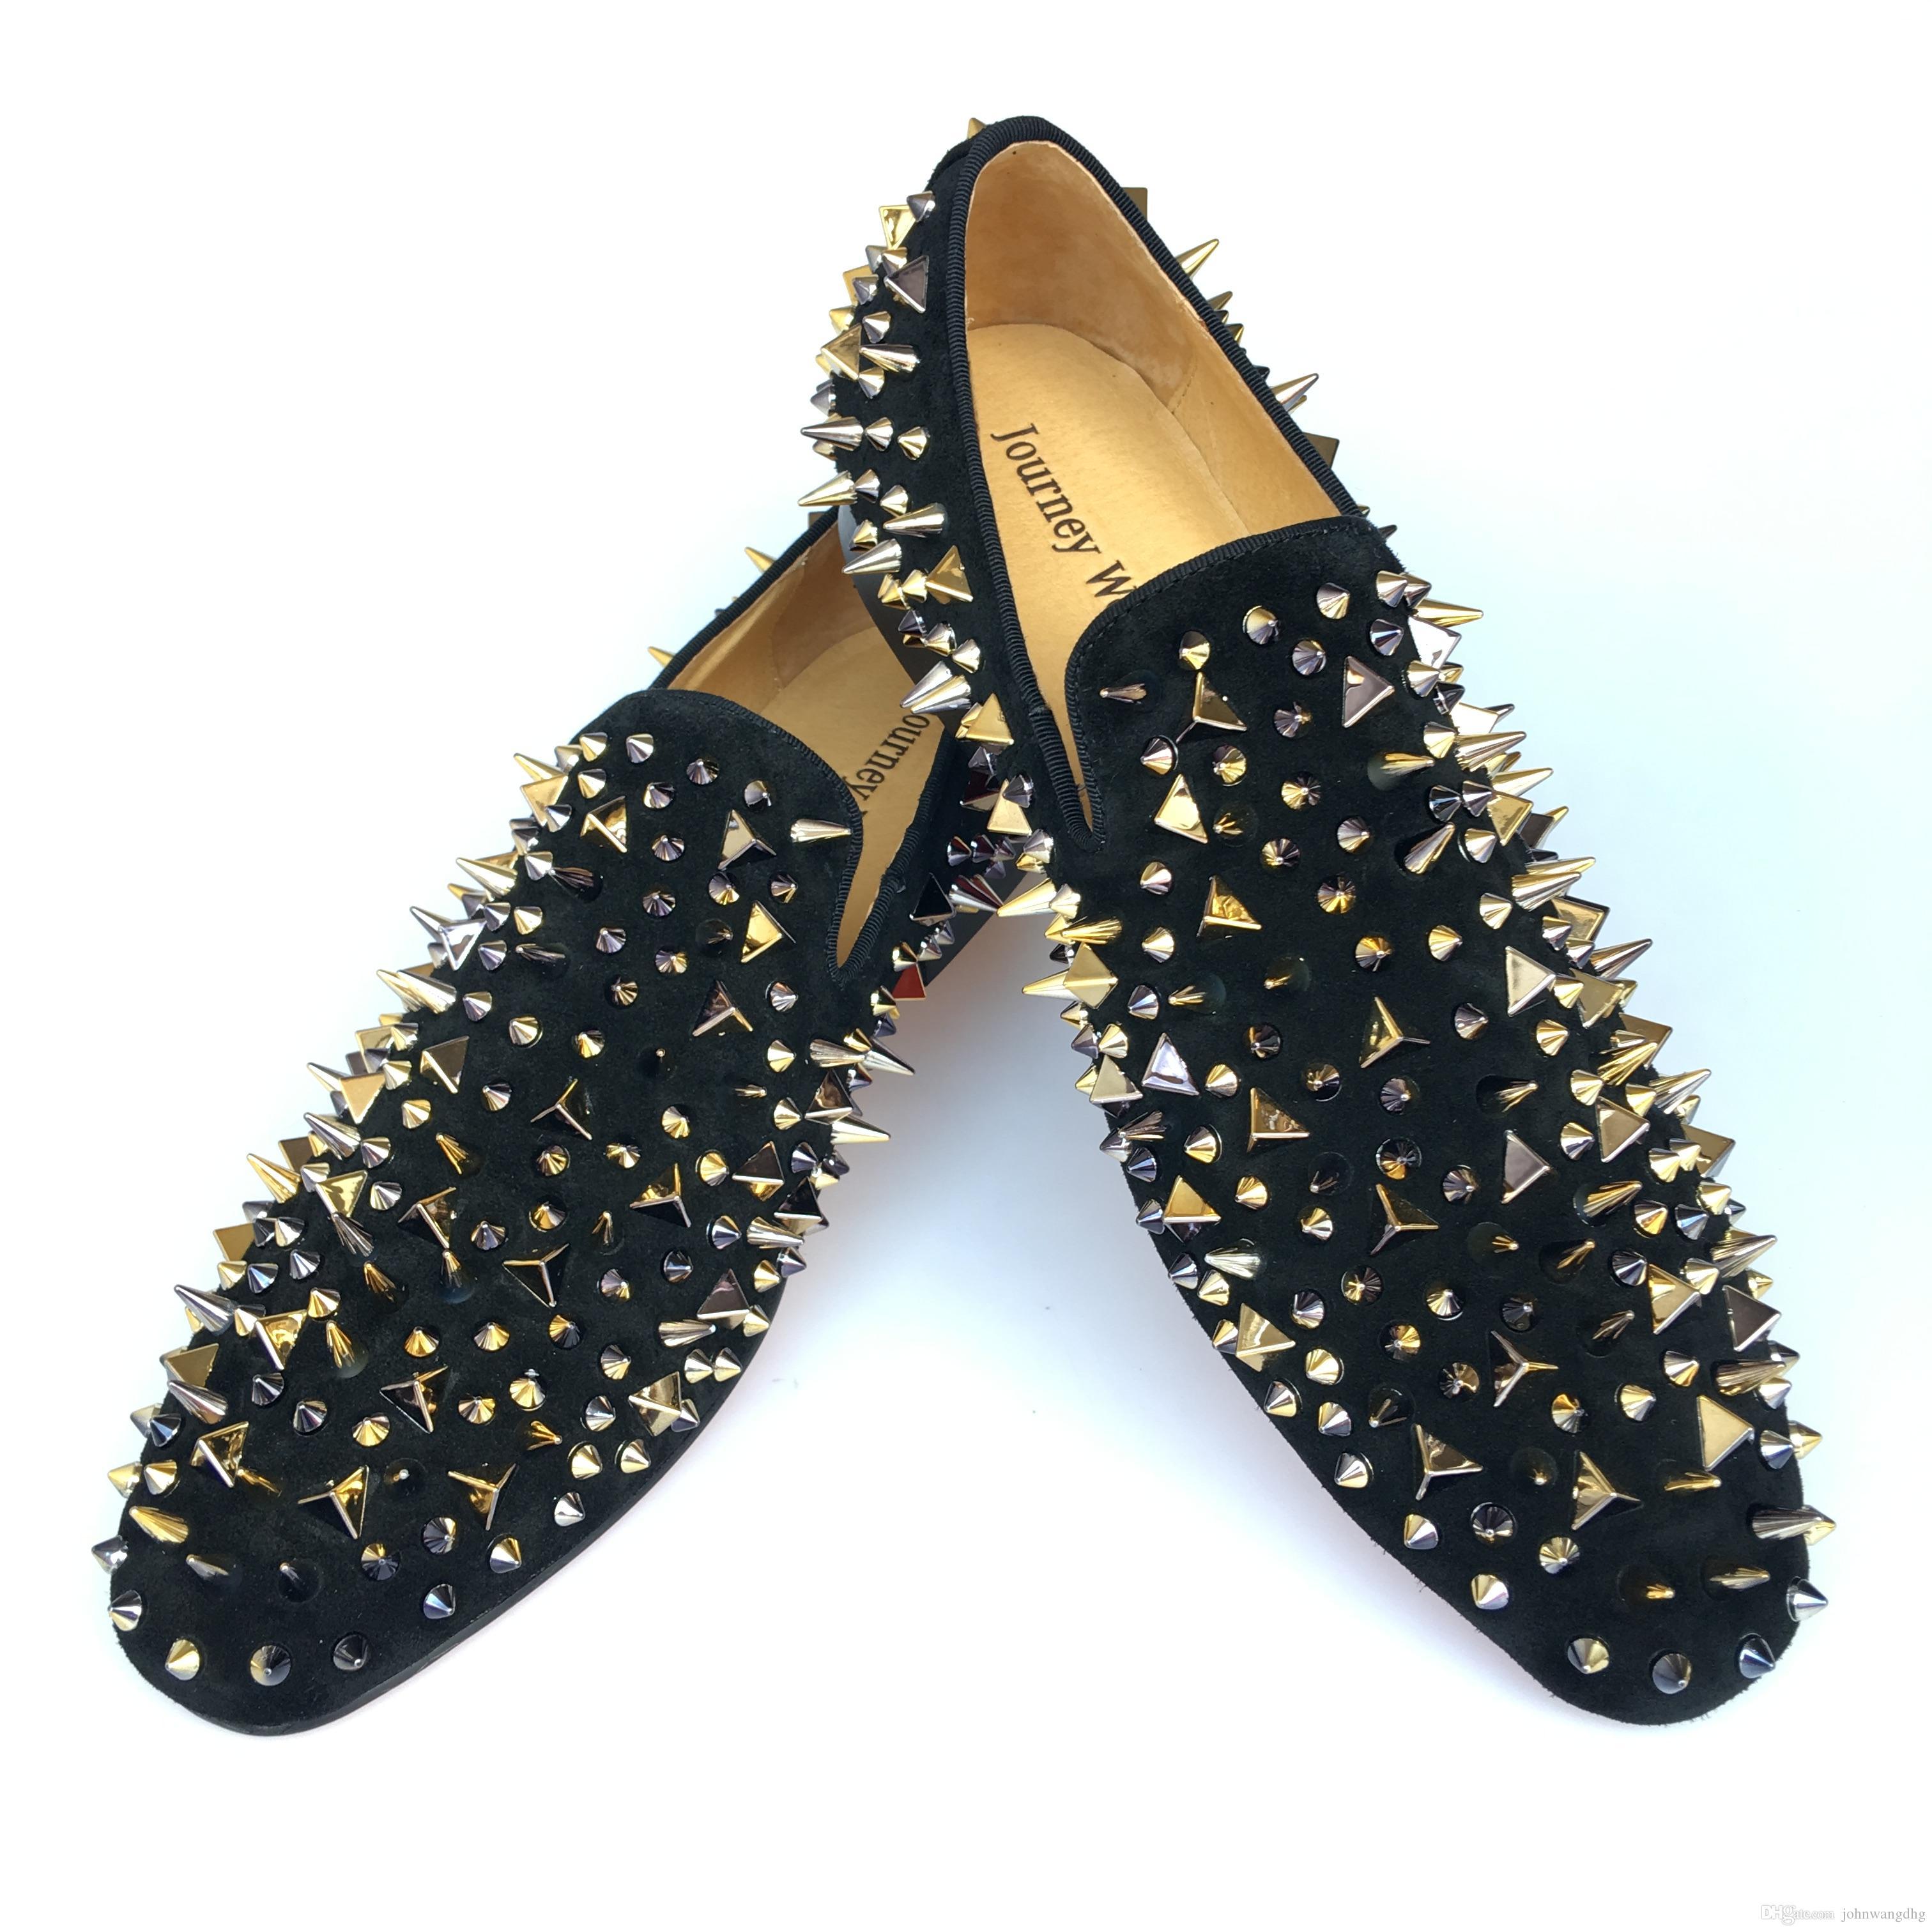 4e59b92a65 Compre Zapatos De Vestir De Cuero Negros De Los Hombres Hechos A Mano De  Los Holgazanes De Los Remaches De Los Remaches Del Oro Zapatos De Las  Zapatillas De ...